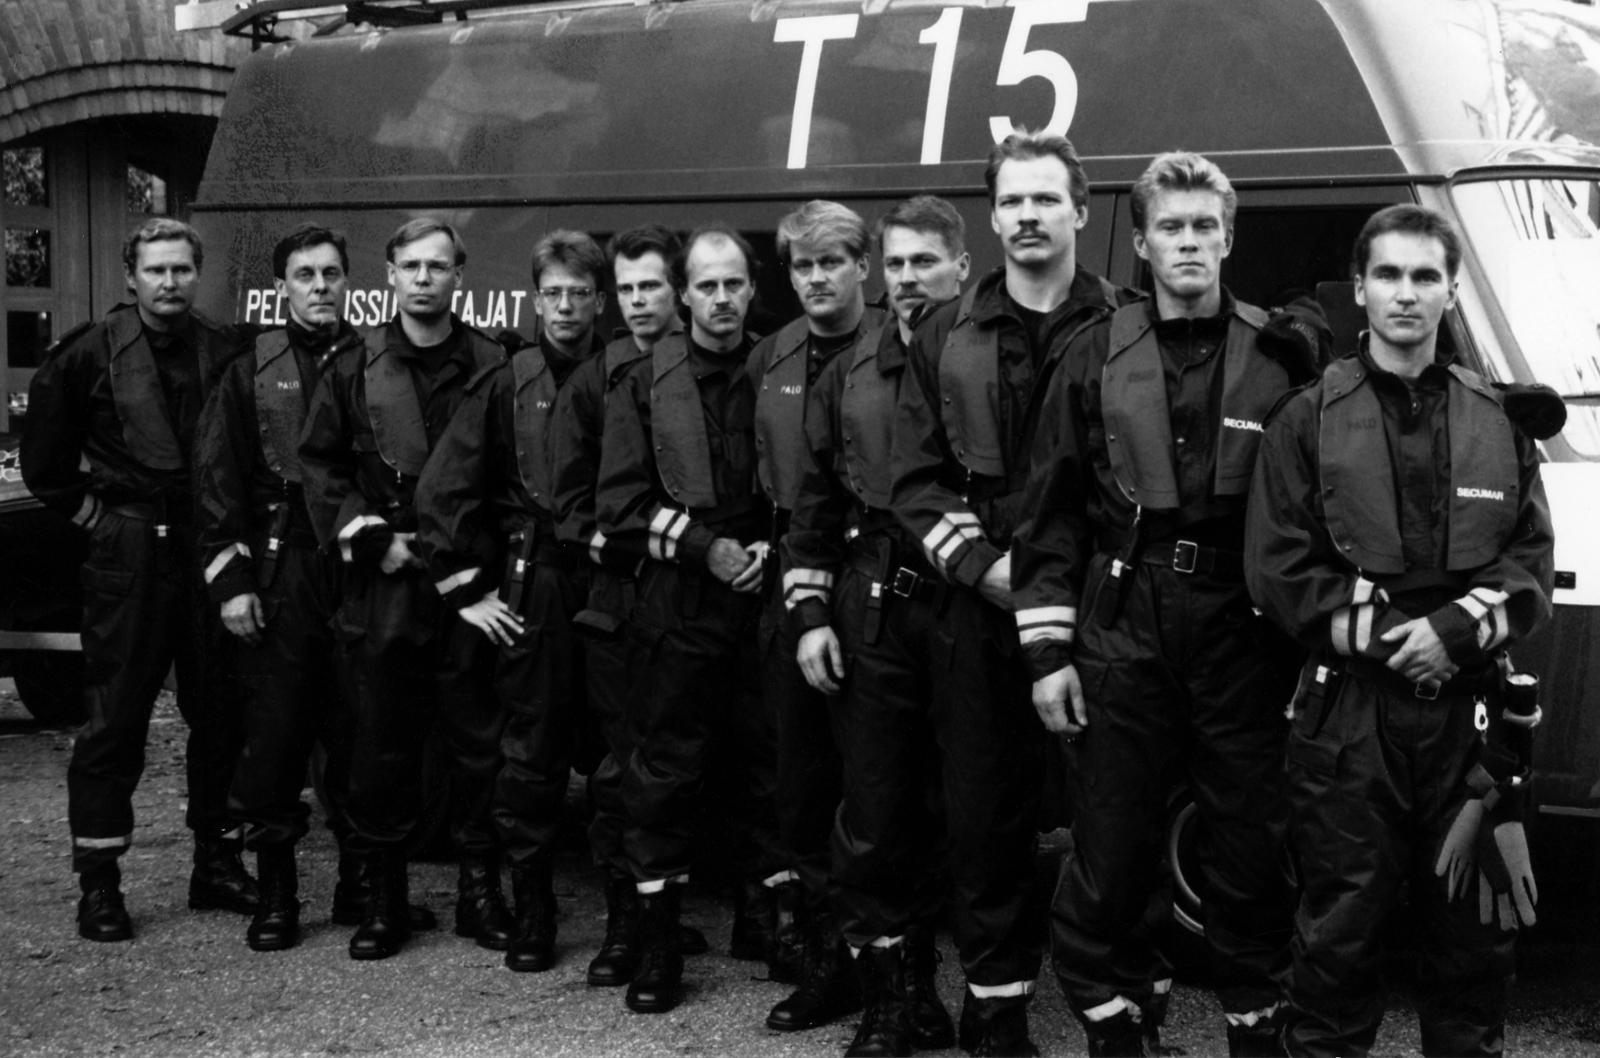 Turun EKA-ryhmästä laskeutui kolmen päivän aikana yhteensä 17 miestä hyiseen mereen. Viikko onnettomuuden jälkeen otetussa kuvassa heistä yksitoista. Vasemmalta ryhmien vetäjät, paloesimiehet Arto Teronen, Pertti Väisänen ja palomestari Reijo Salminen, palomies Jussi Vaitiniemi, palomies Harri Niska, palomies Matti Orte, palomies Matti Pikku-Jämsä, palomies Rauno Lindholm, palomies Ari-Tapio Dalen, ylipalomies Kari Pikku-Jämsä ja palomies Heikki Vähäkuopus.